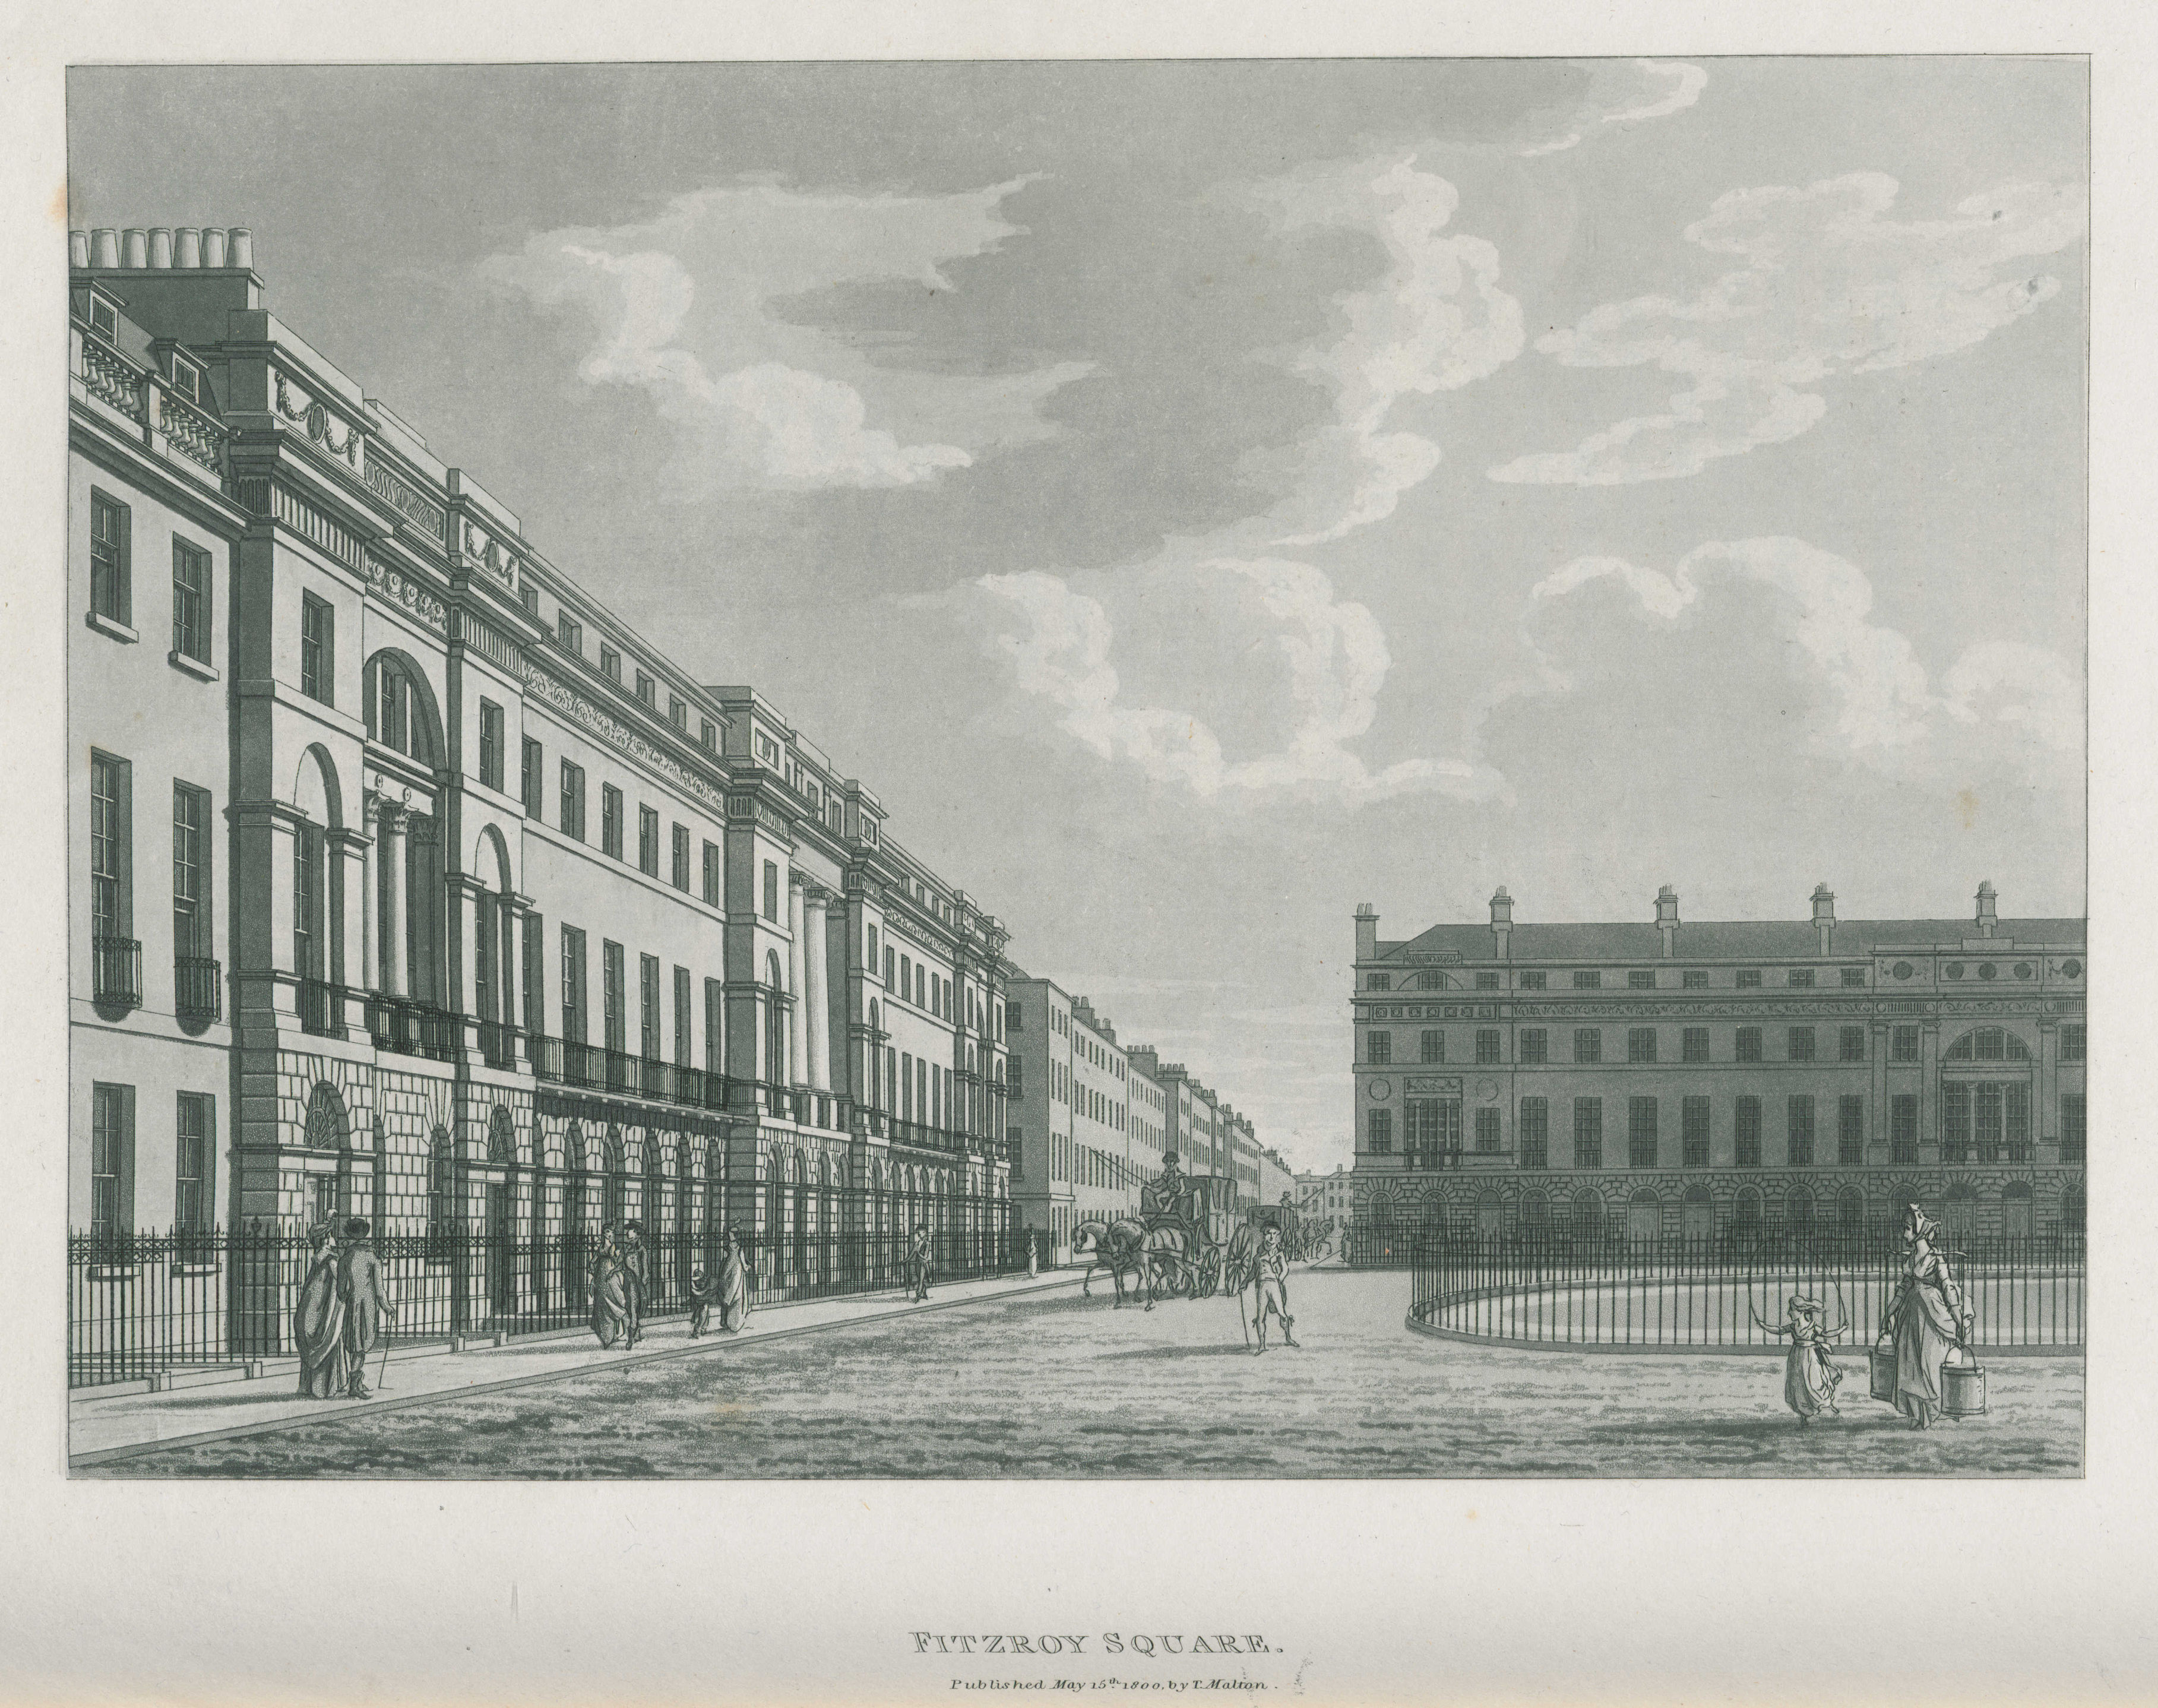 087 - Malton - Fitzroy Square